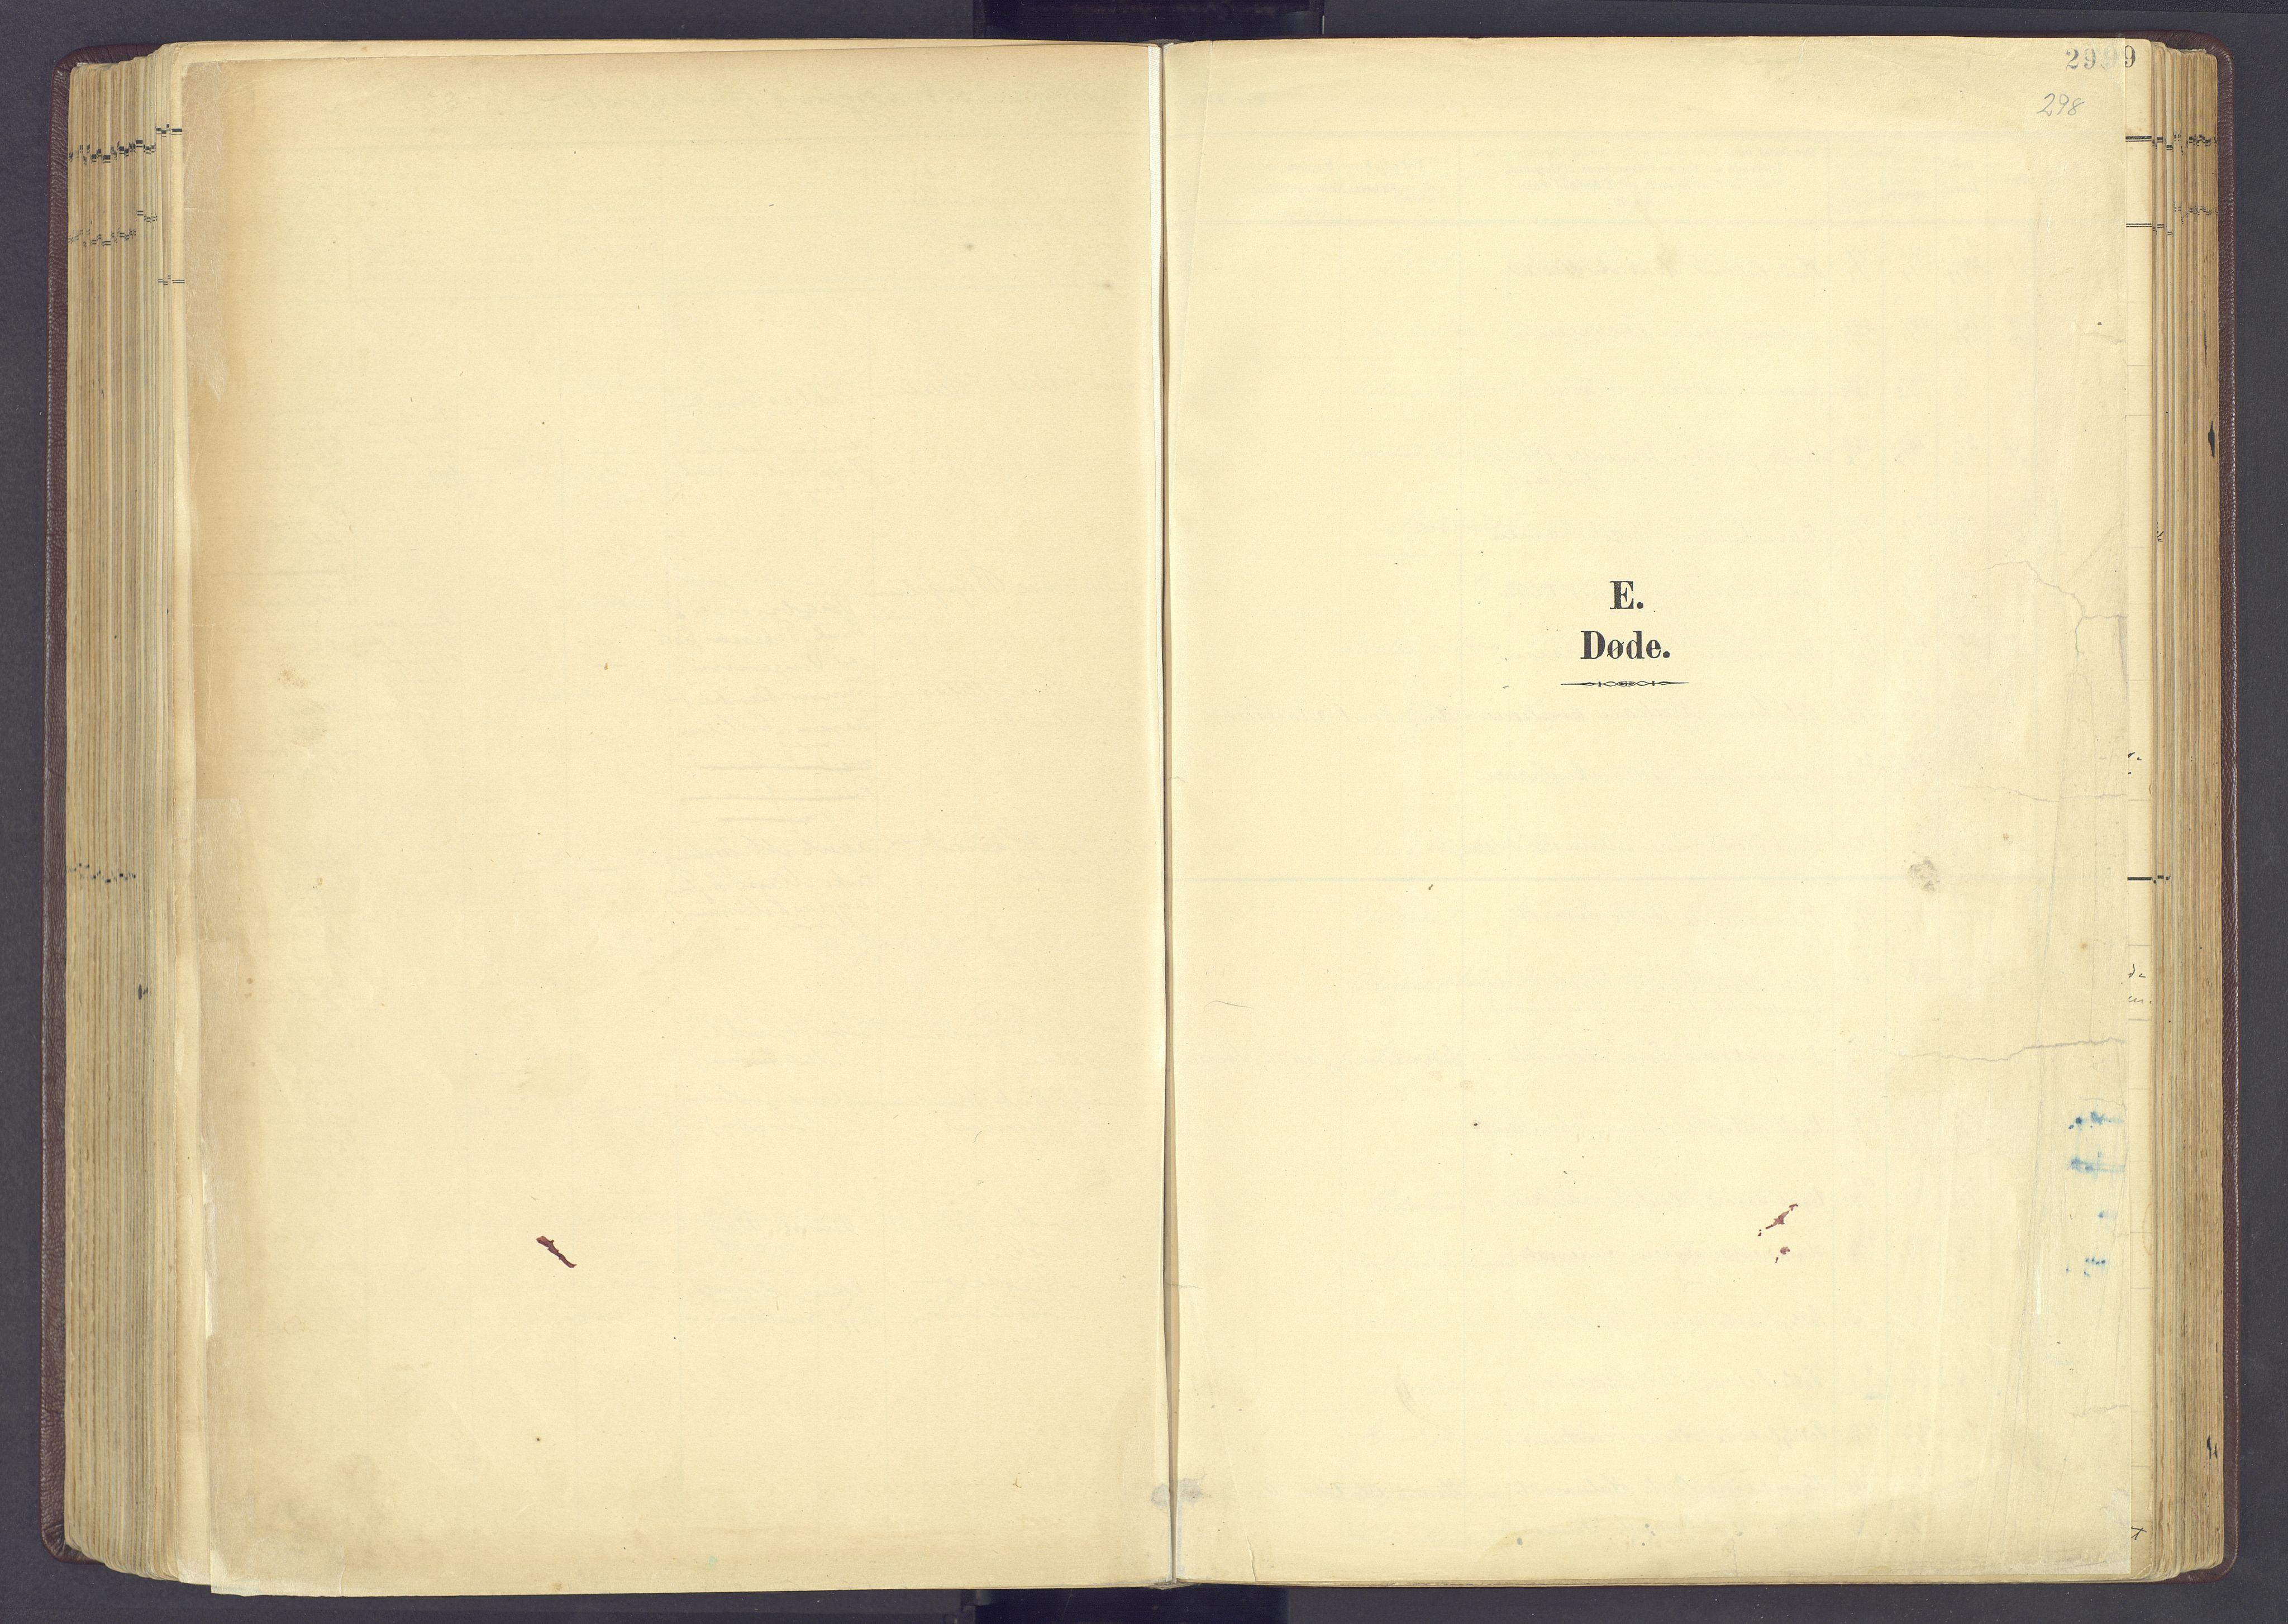 SAH, Sør-Fron prestekontor, H/Ha/Haa/L0004: Ministerialbok nr. 4, 1898-1919, s. 298